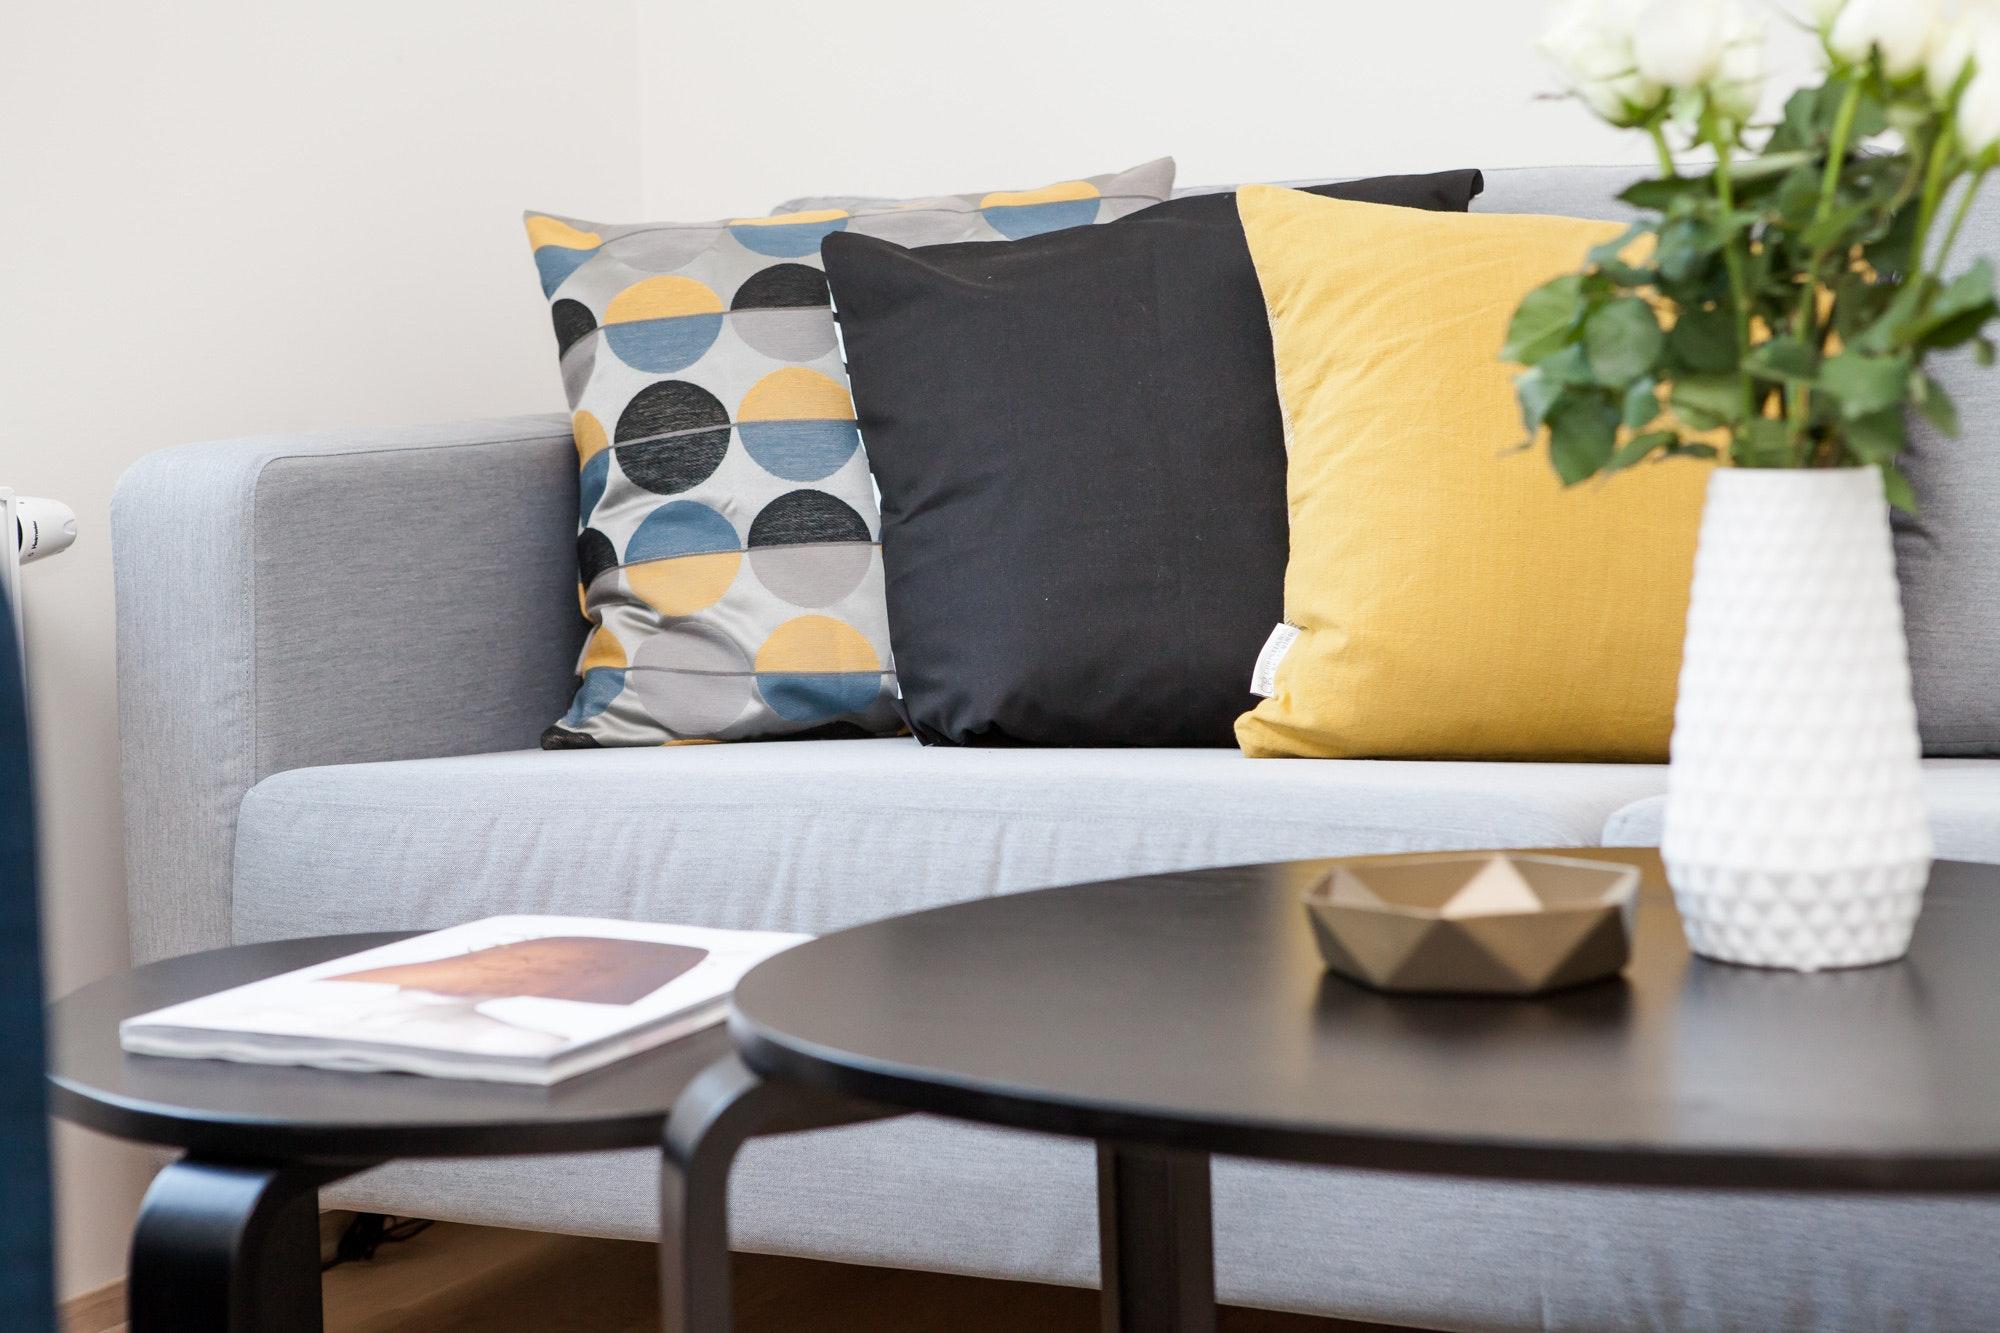 1000 engaging interior design photos pexels free stock photos rh pexels com interior design stock photography